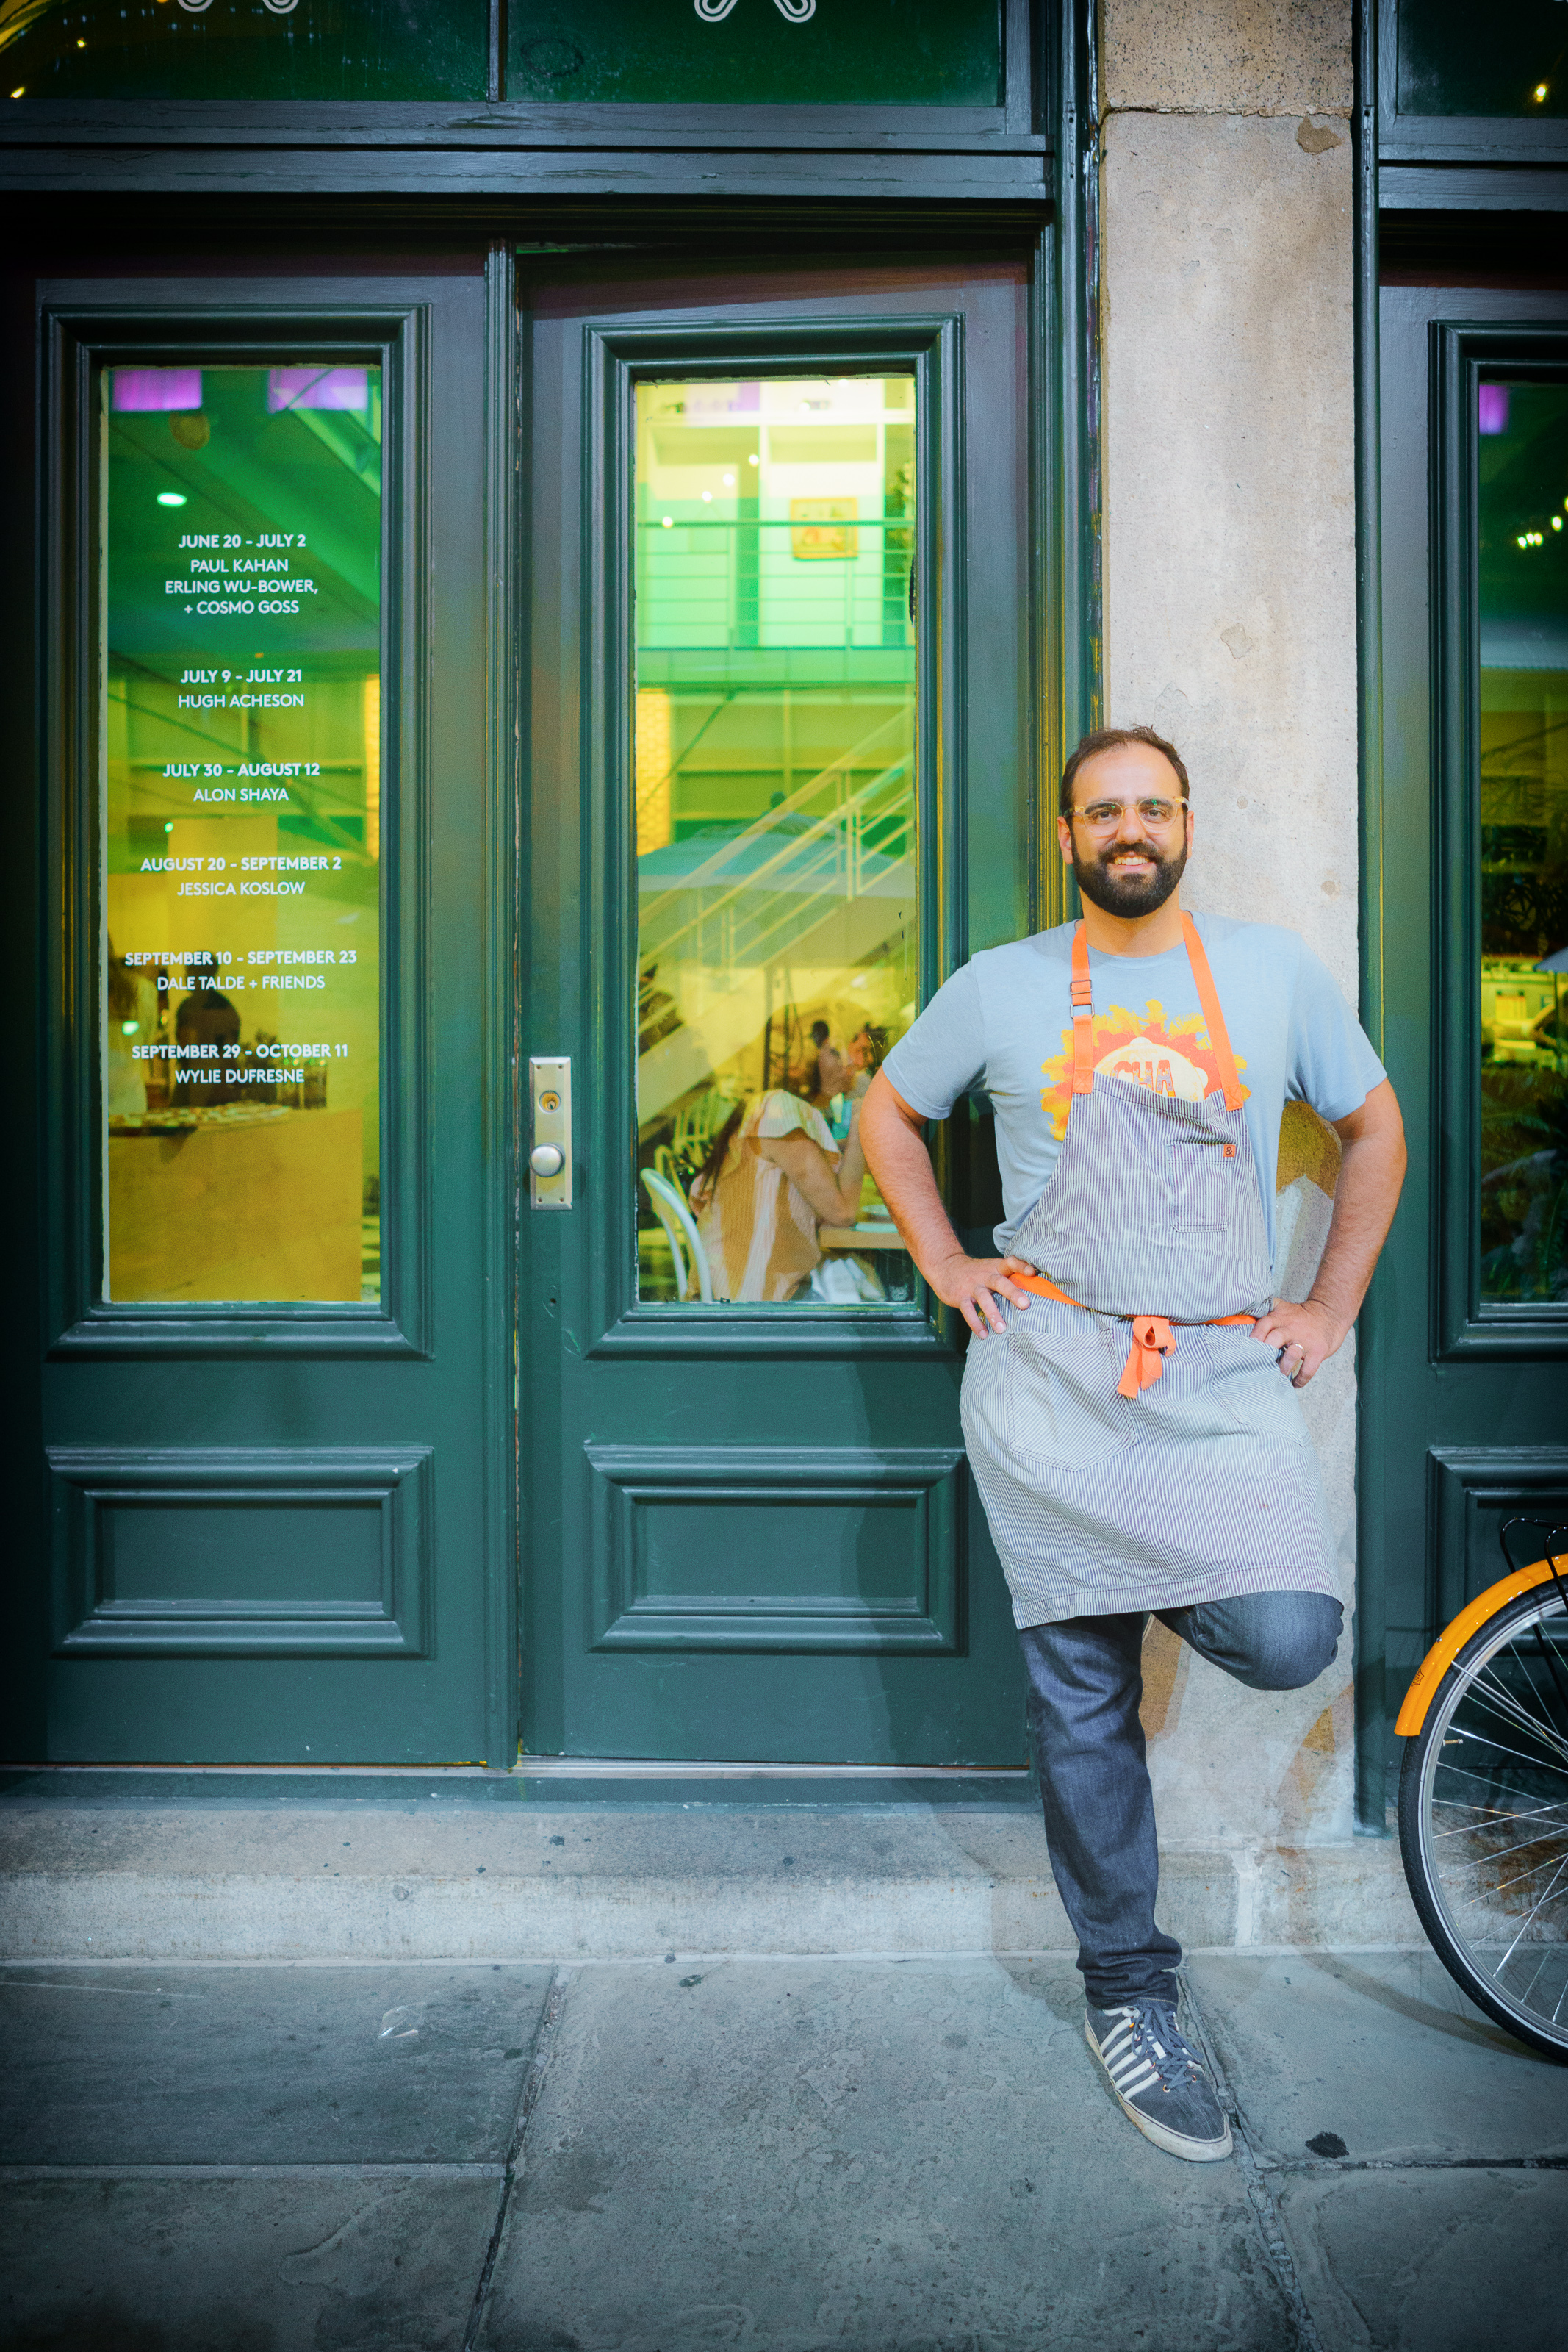 Portrait of chef Alon Shaya